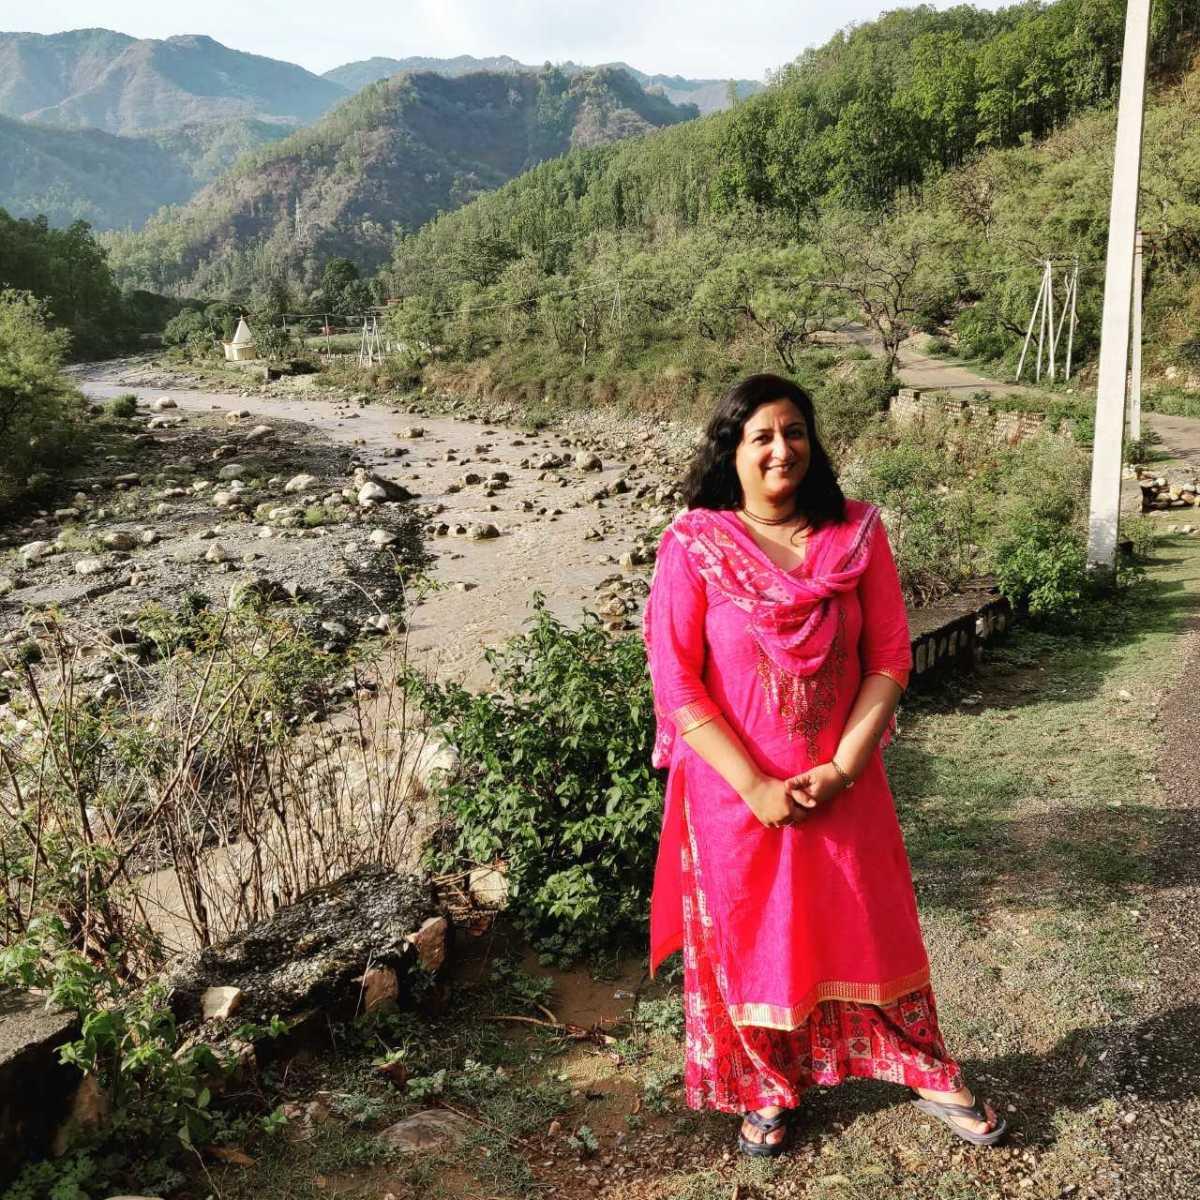 The village near Dehradun where we stayed